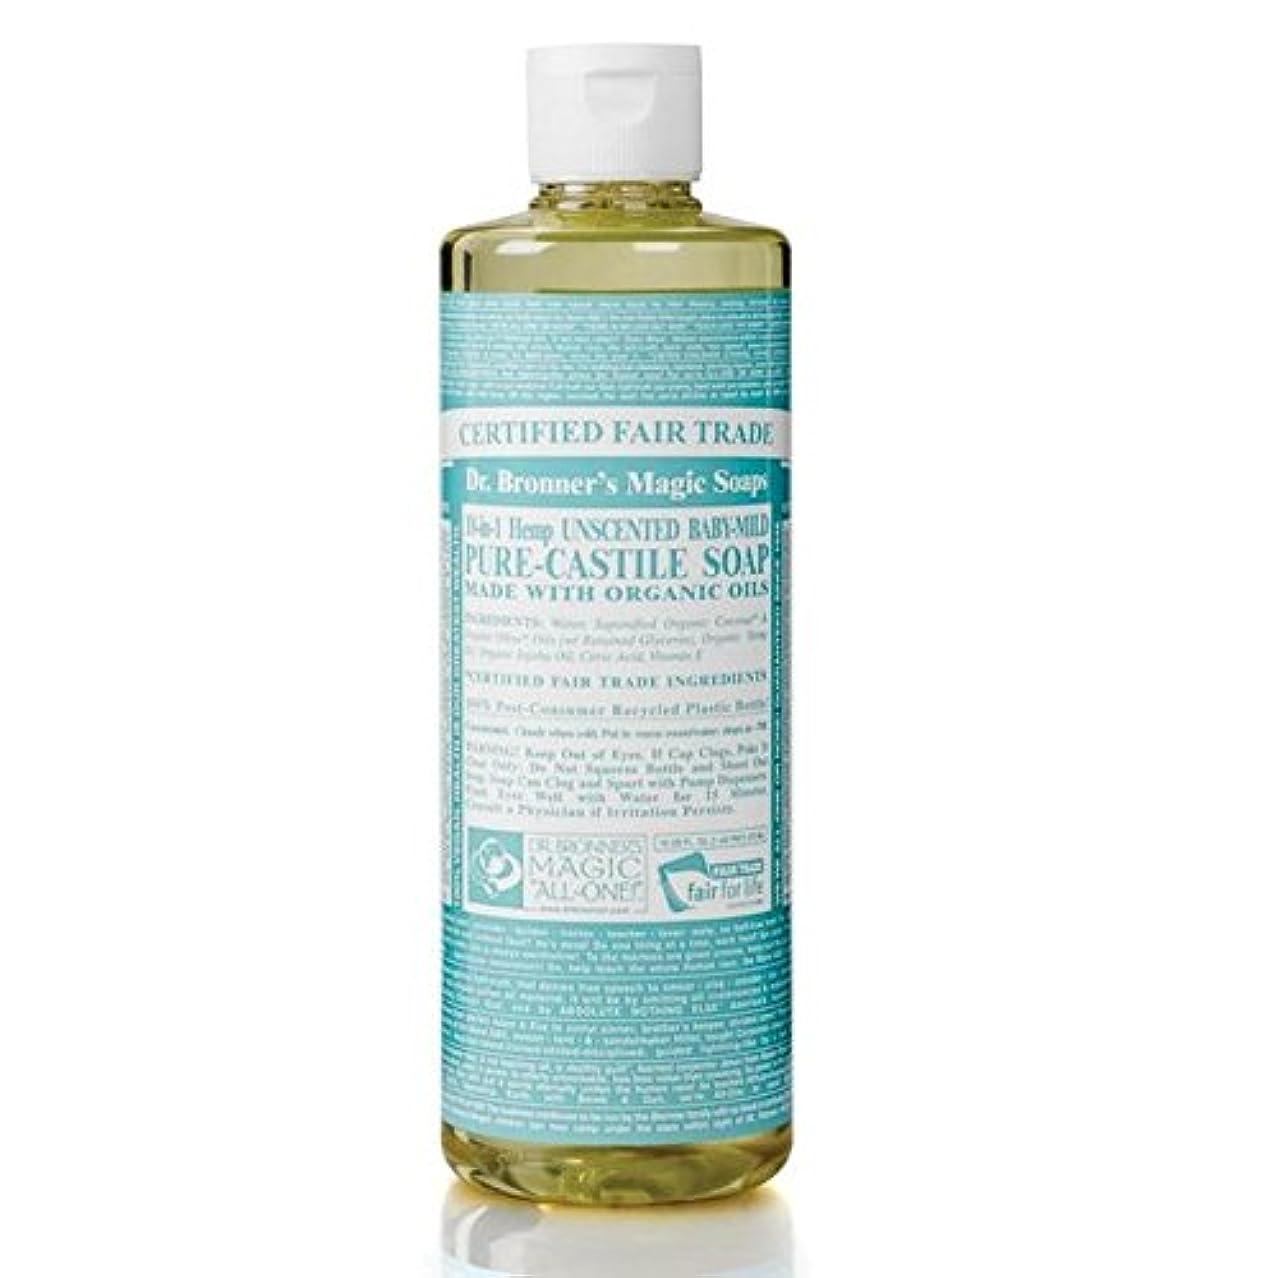 治す因子実験Dr Bronner Organic Baby Mild Castile Liquid Soap 473ml - のブロナーオーガニックベビーマイルドなカスティーリャ液体石鹸473ミリリットル [並行輸入品]